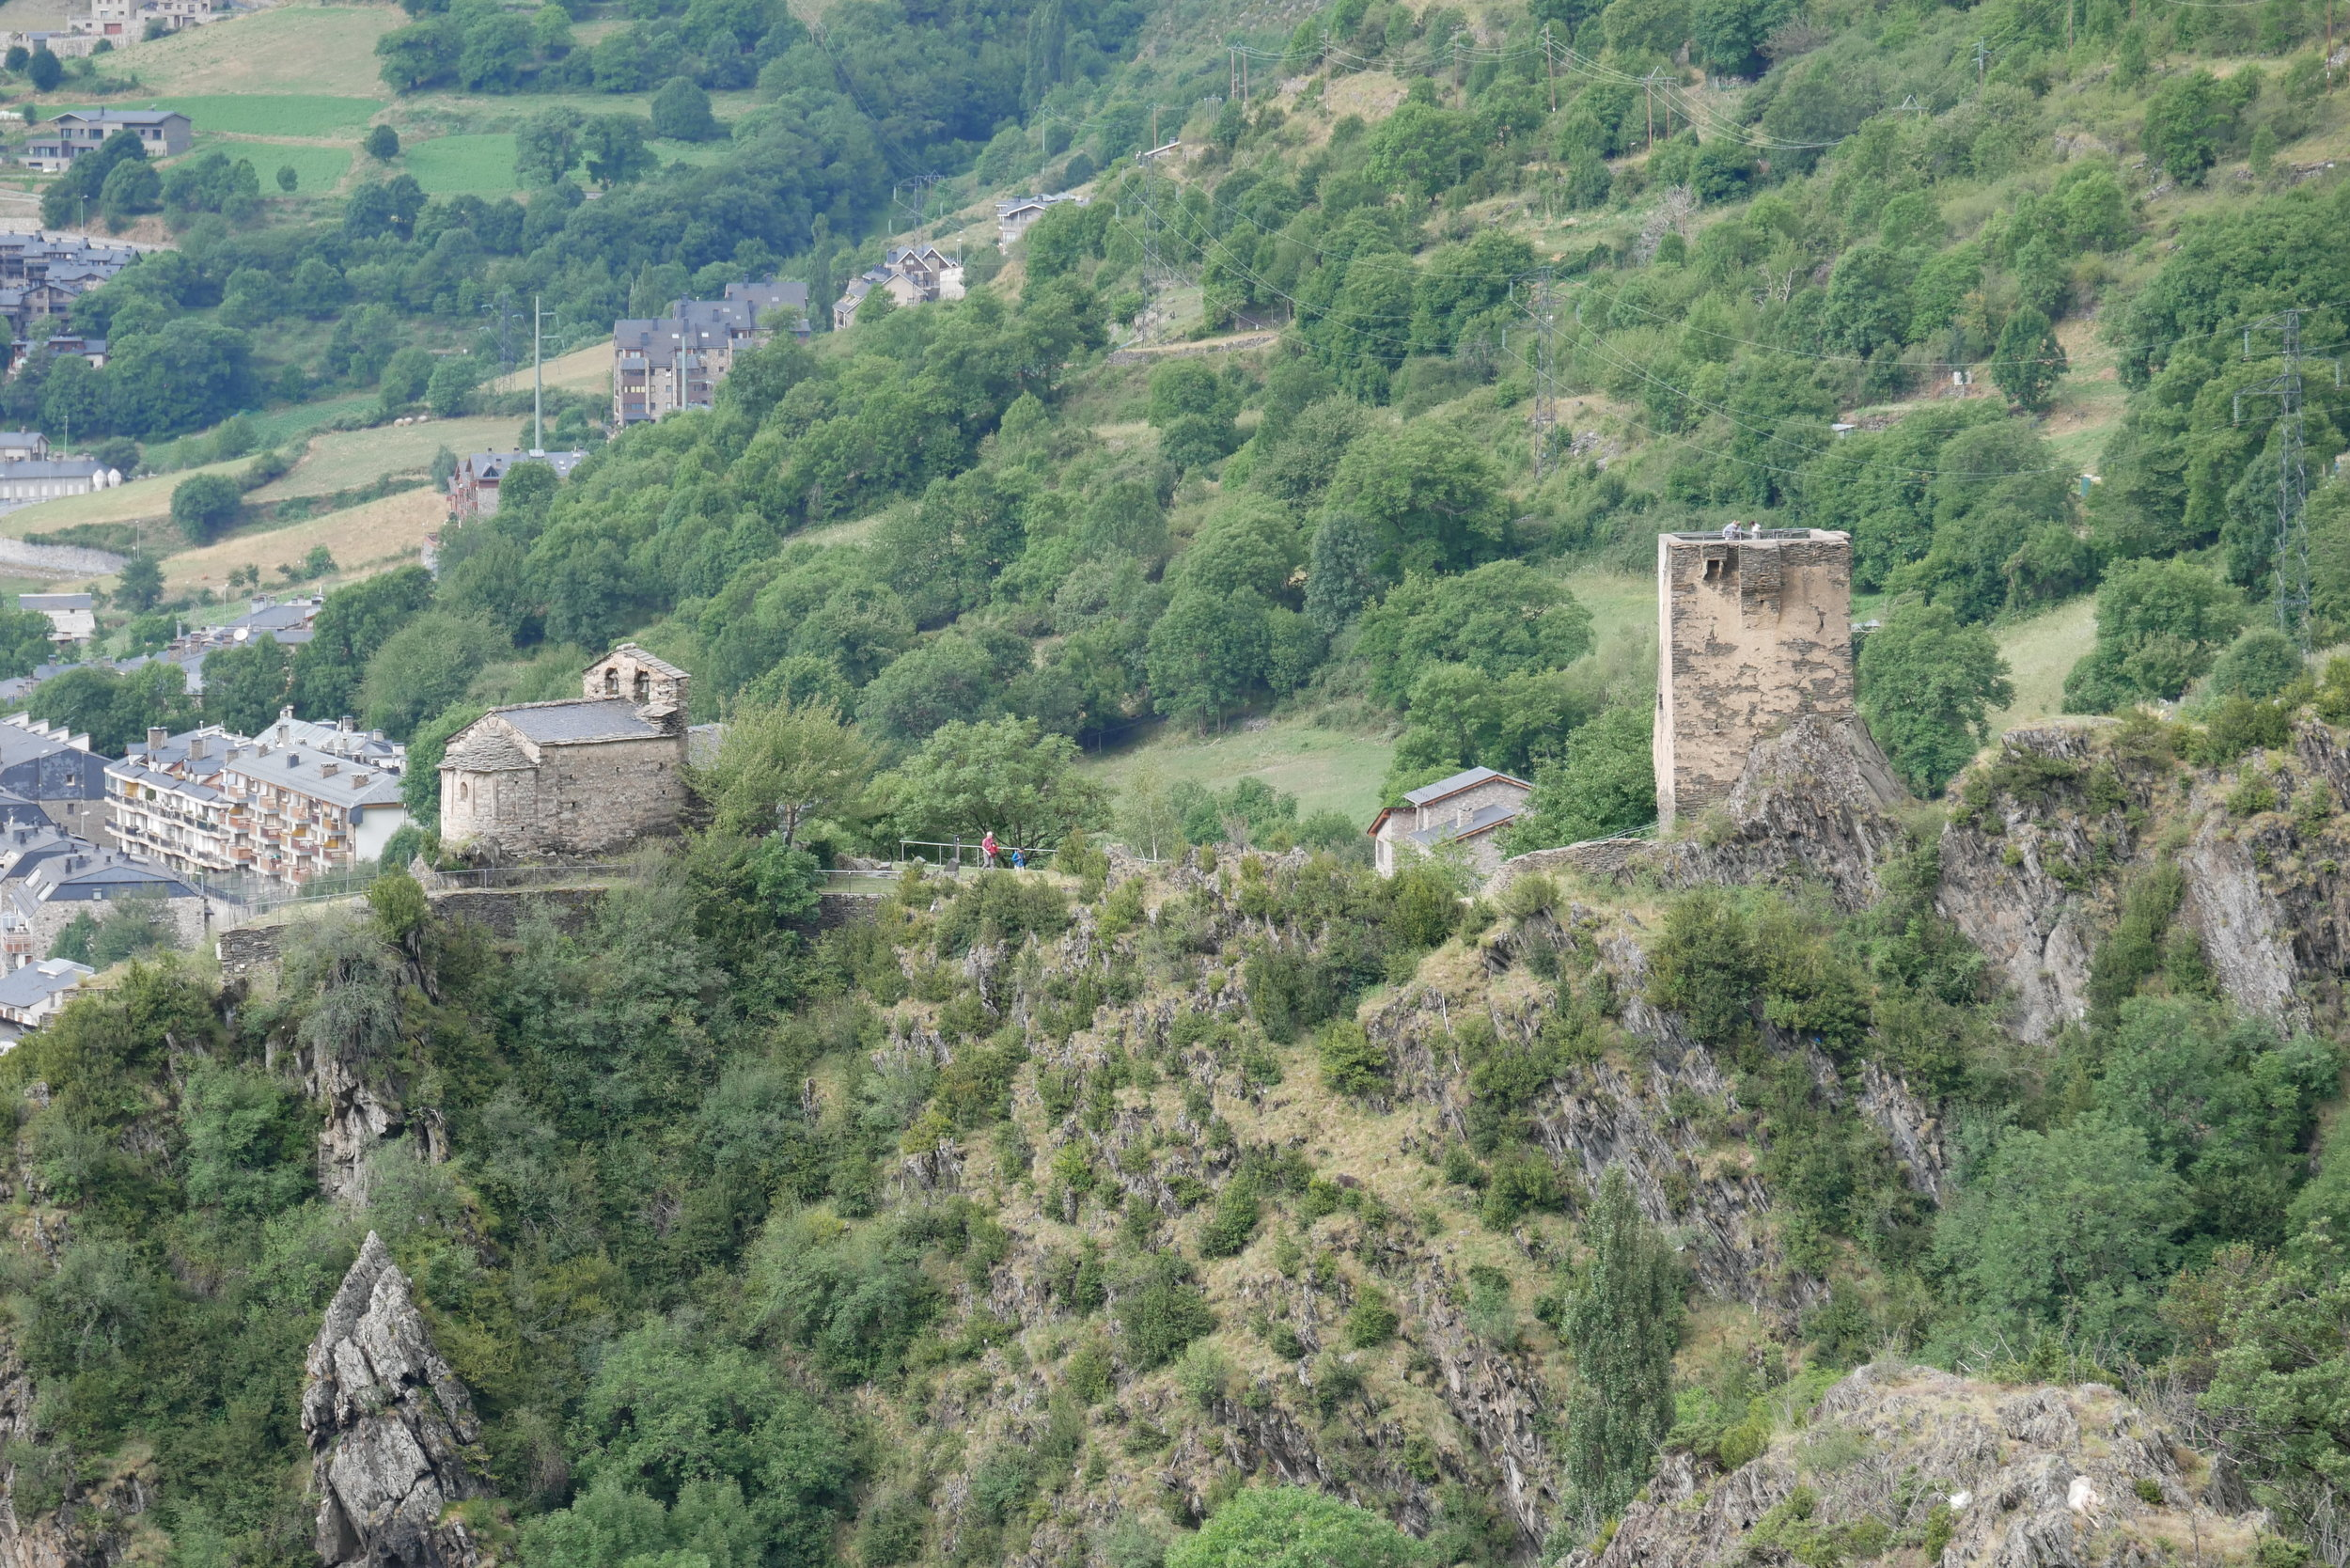 Sant Romà de les Bons i Torre dels Moros